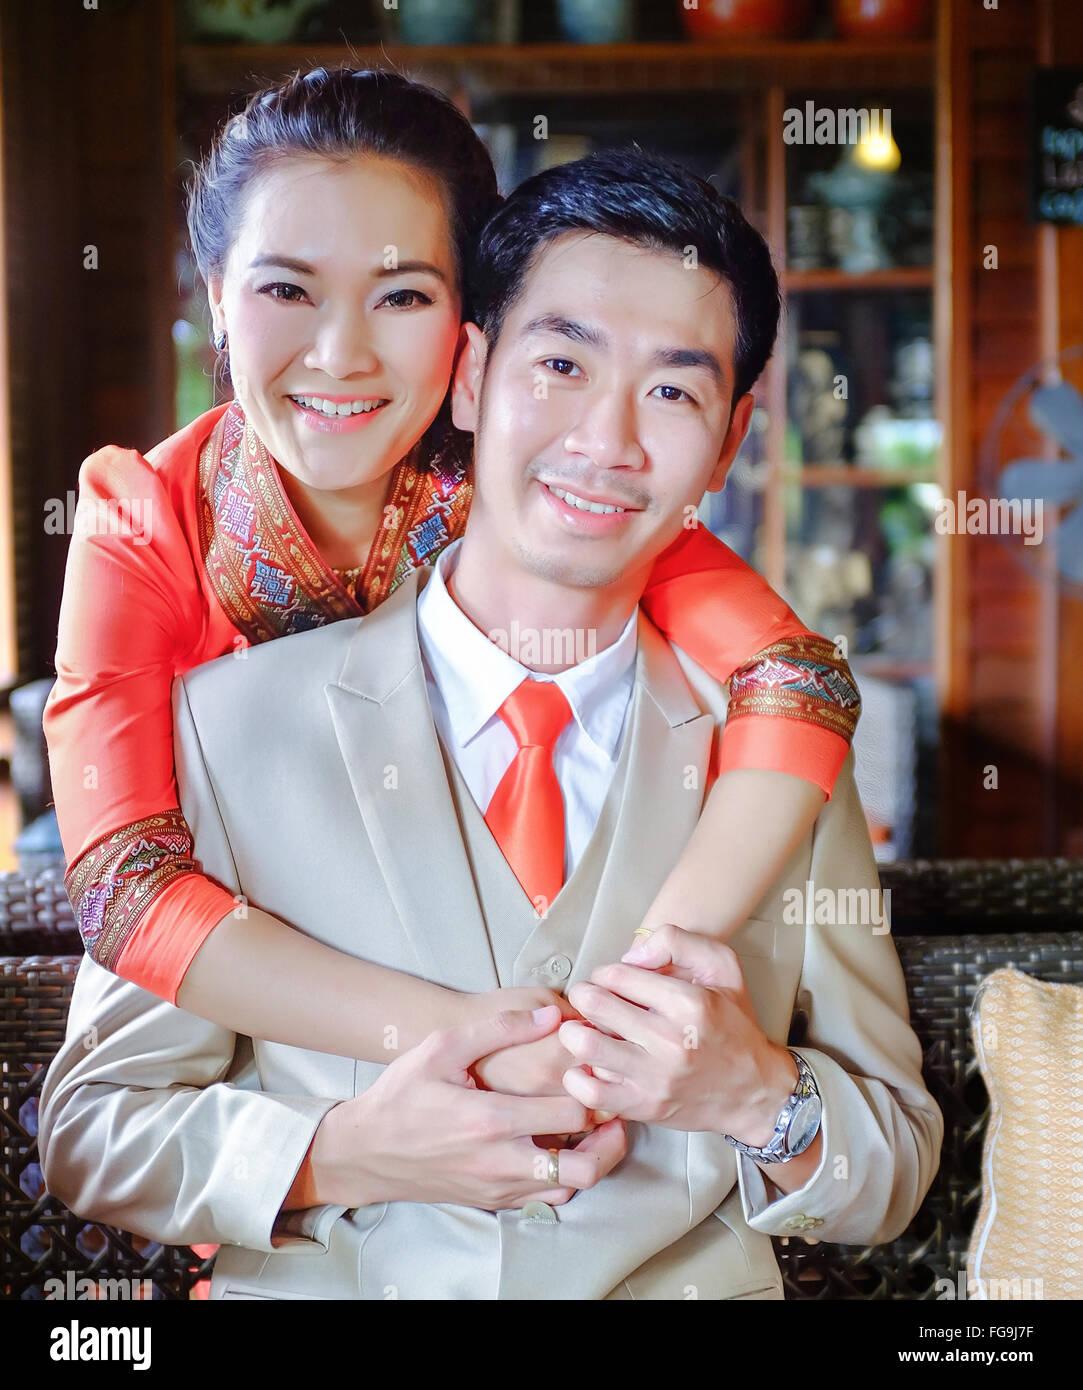 Retrato de la feliz pareja abrazada en casa Imagen De Stock